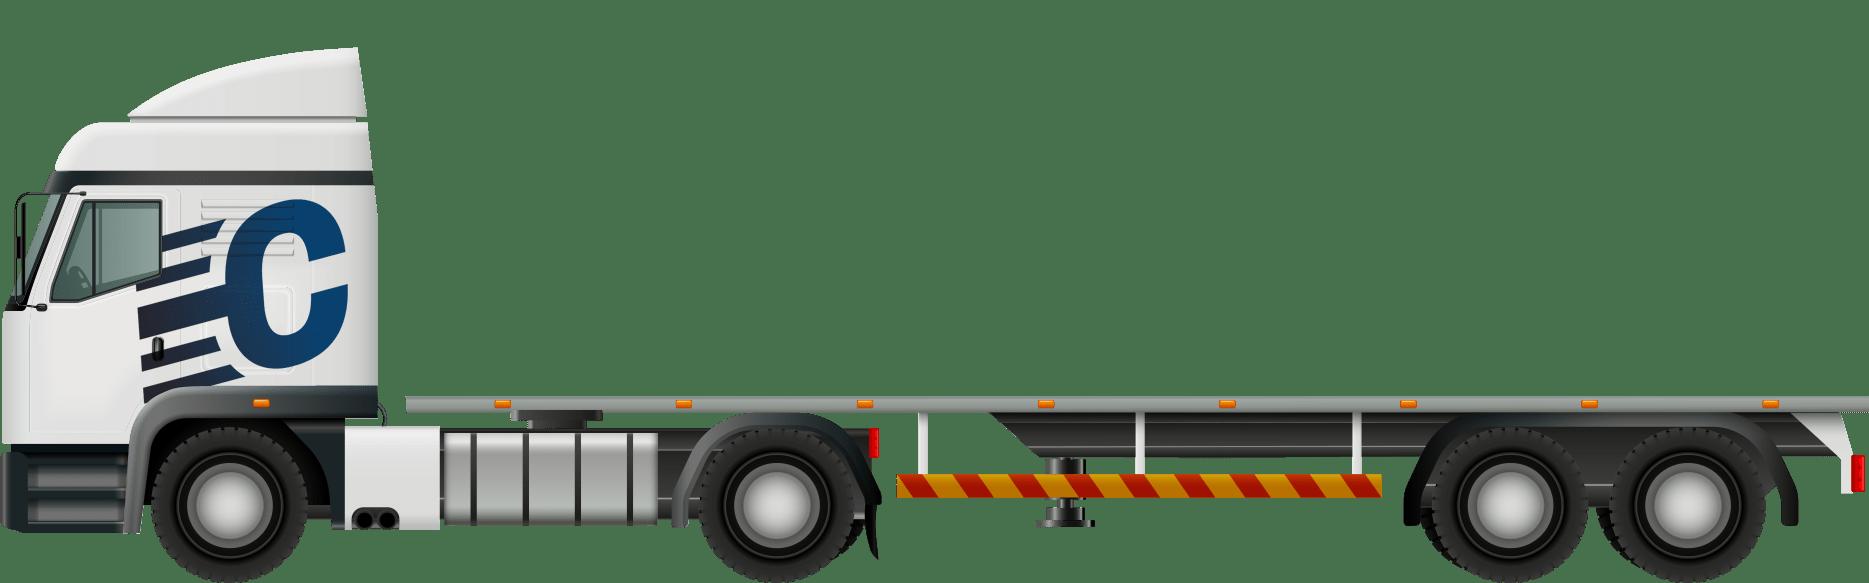 Camion semi-plateau